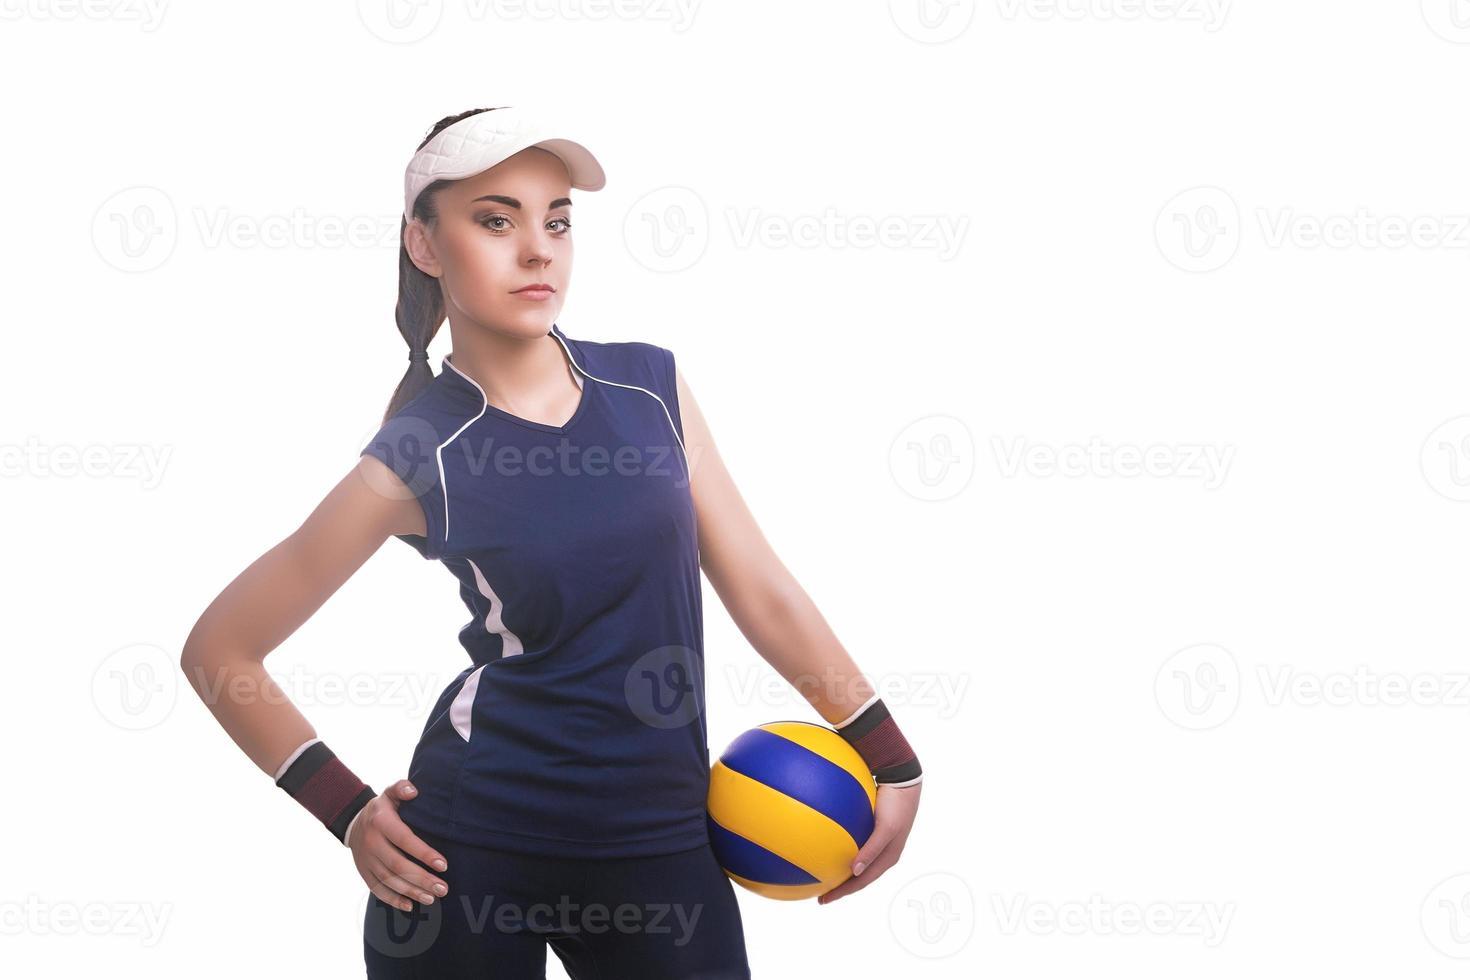 jogador de voleibol profissional caucasiano, equipado com roupa de voleibol com bola foto